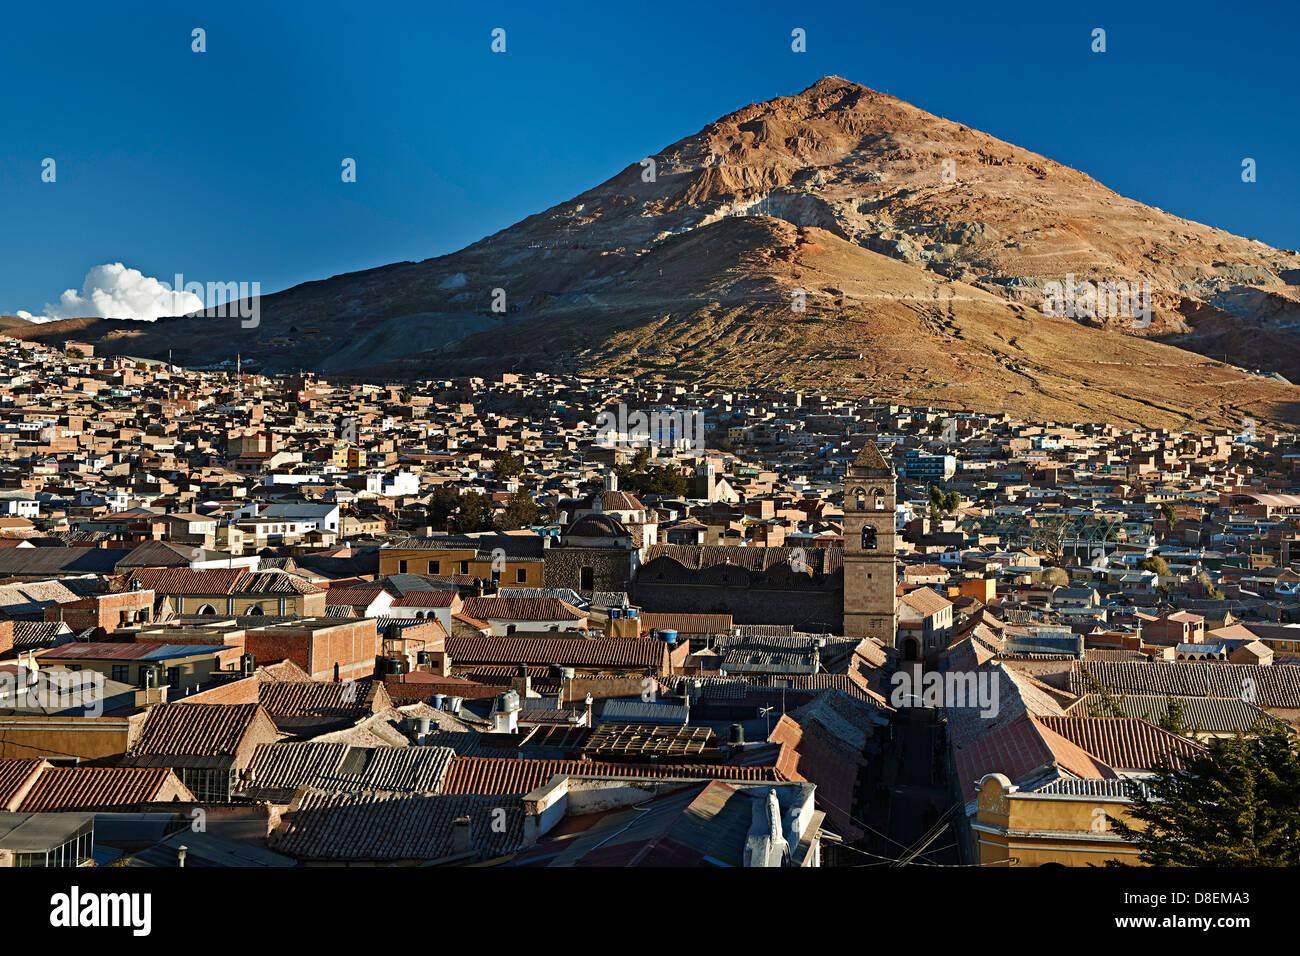 Silver mountain Cerro Rico and city Potosi, Bolivia - Stock Image